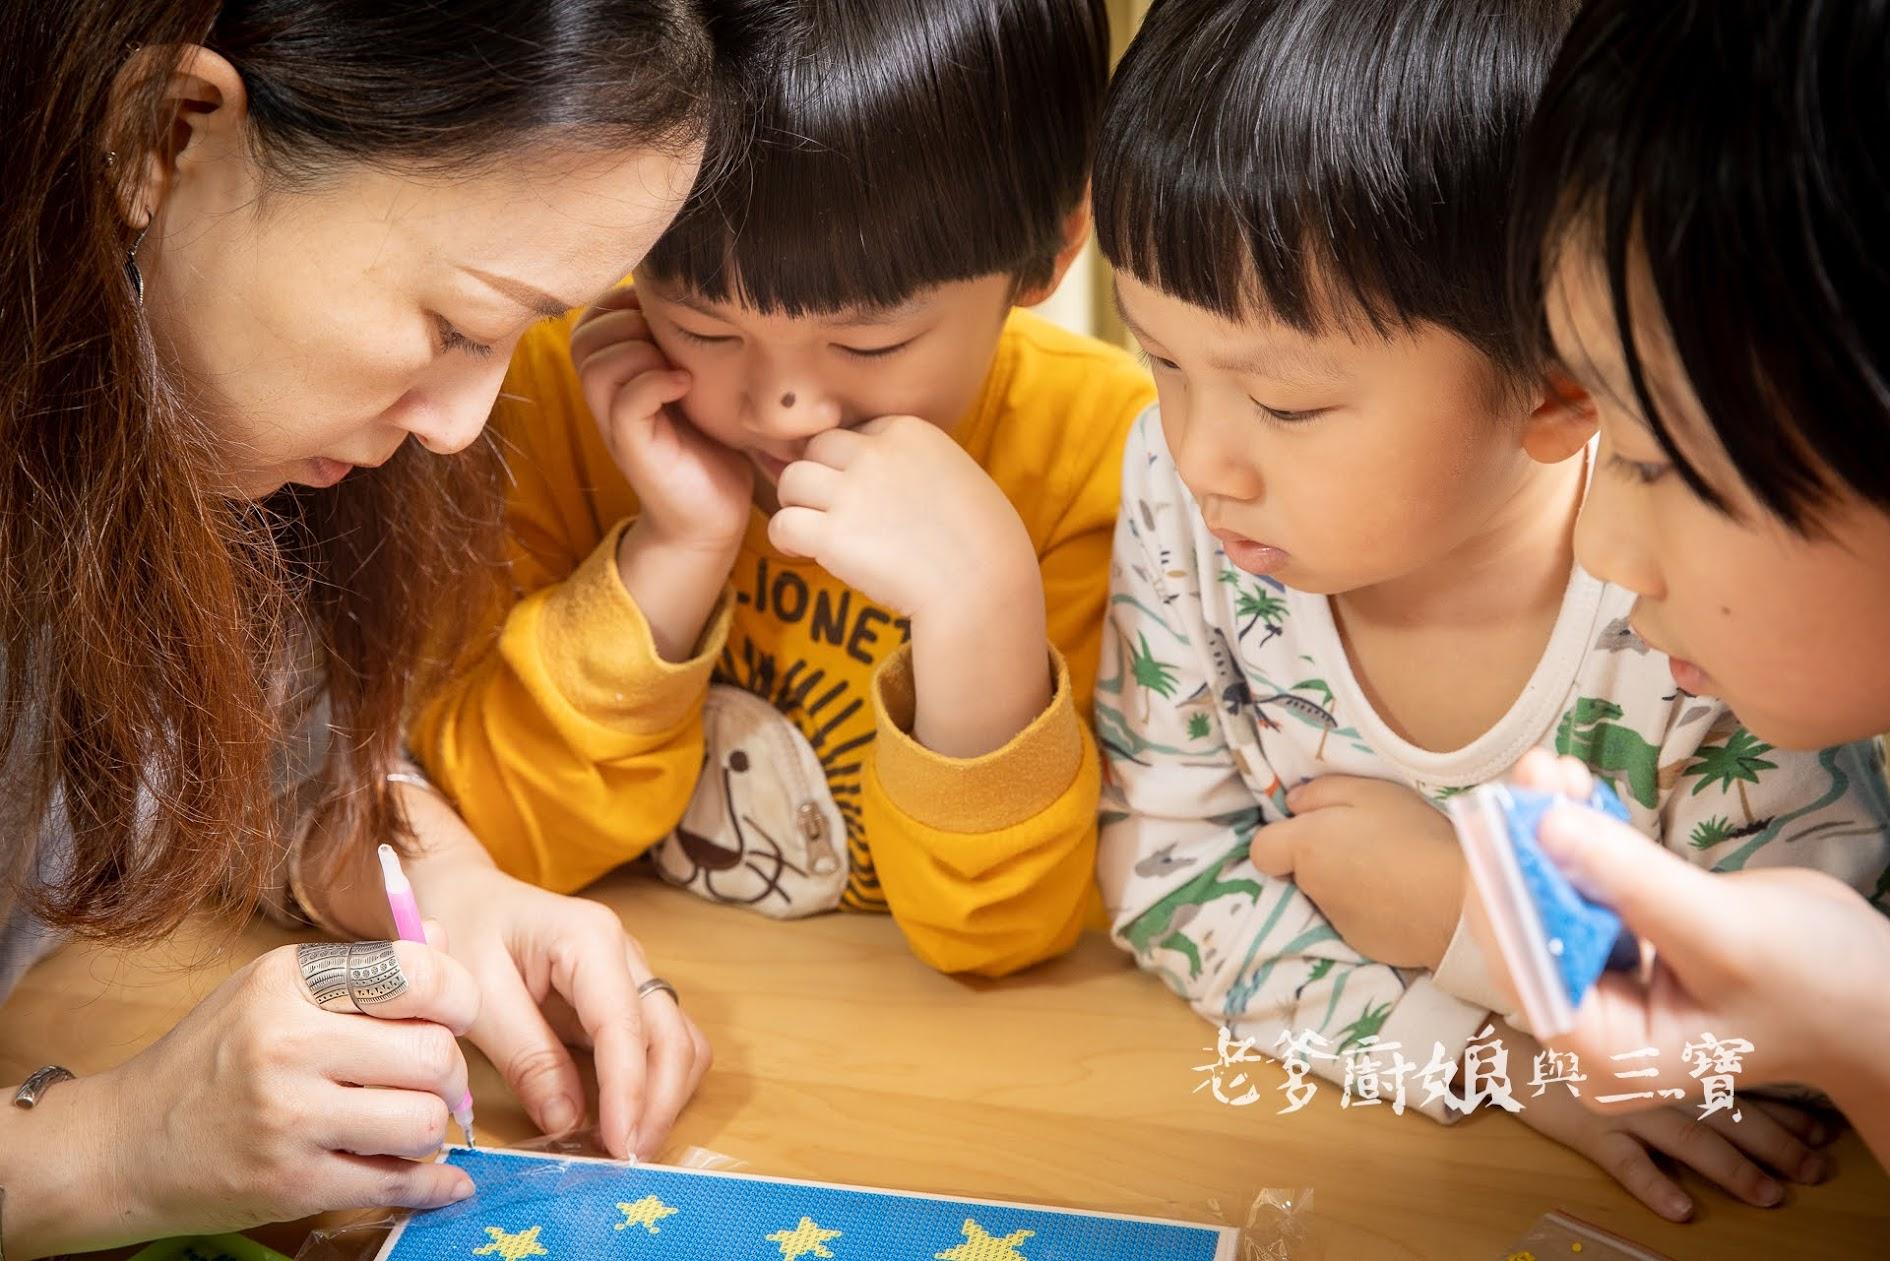 最近我們愛上這個能消磨時光又能增長親情的親子繪畫遊戲...I LOVE PAINTING 親子鑽石畫、數字油畫